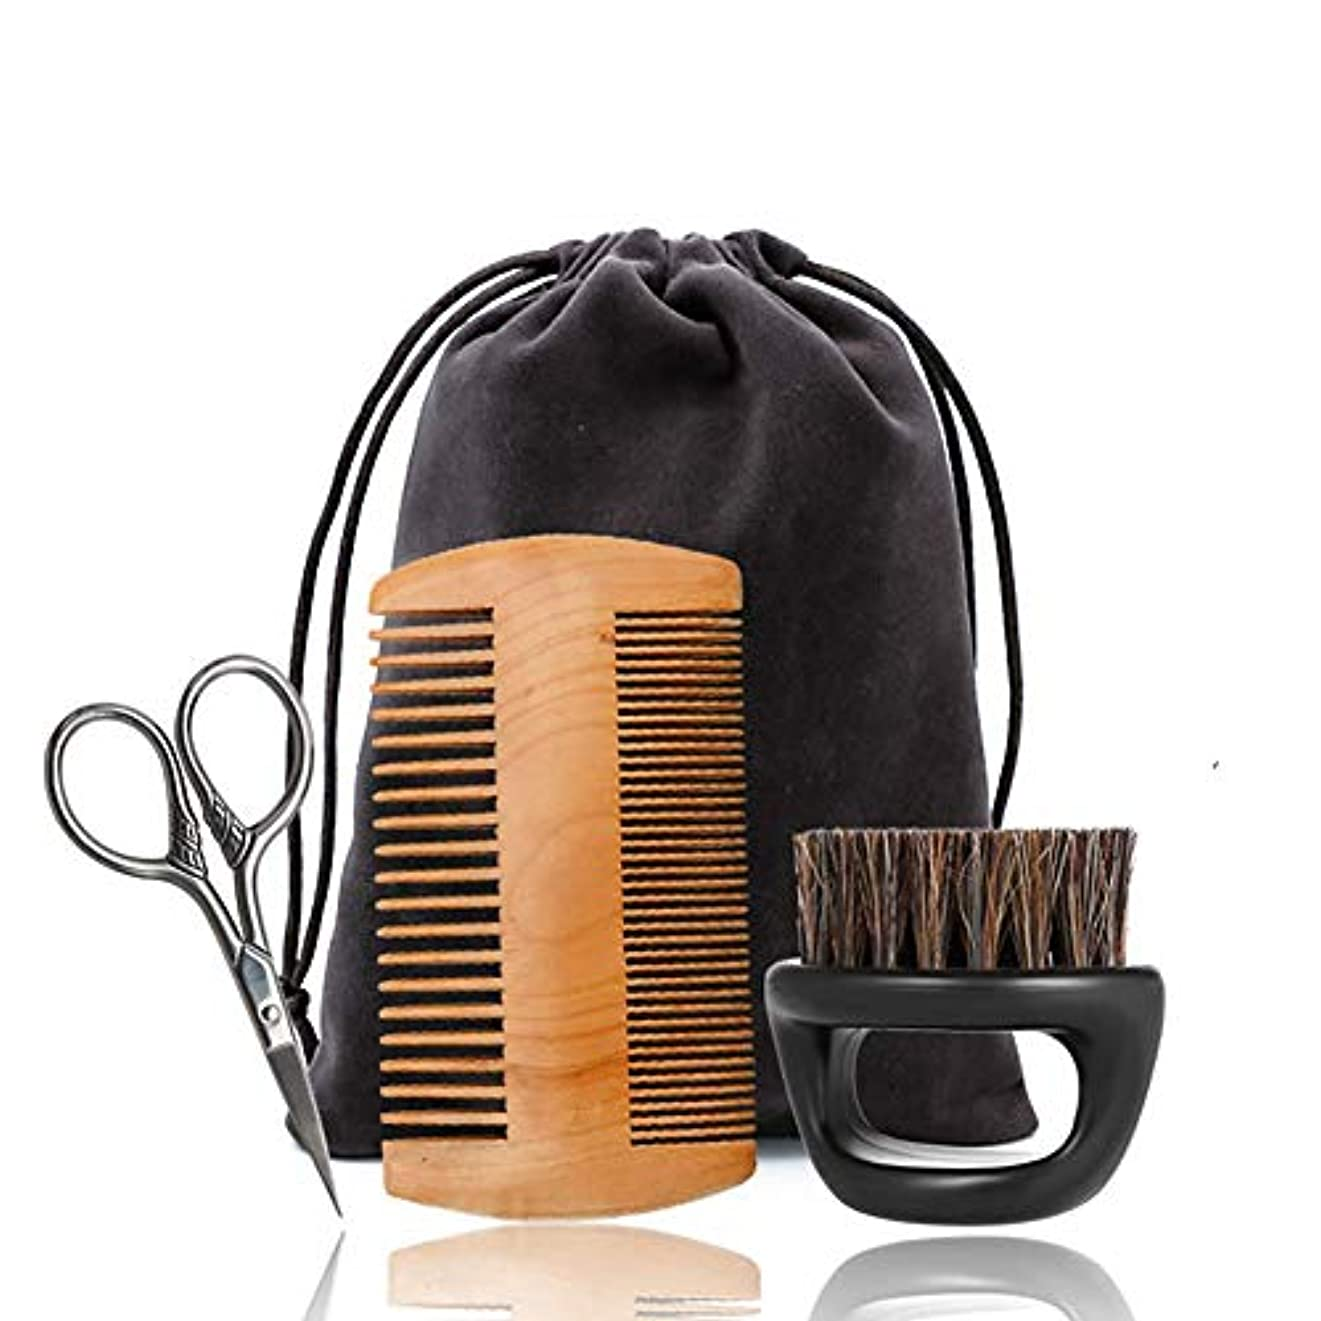 科学的ベリ言うまでもなくOnior 4ピースひげグルーミングキットひげトリミングボードブラシ髪くしはさみ形シェーピングと成長旅行バッグシェーピングツール完璧なシェービング対称パーソナルケア耐久性と実用的